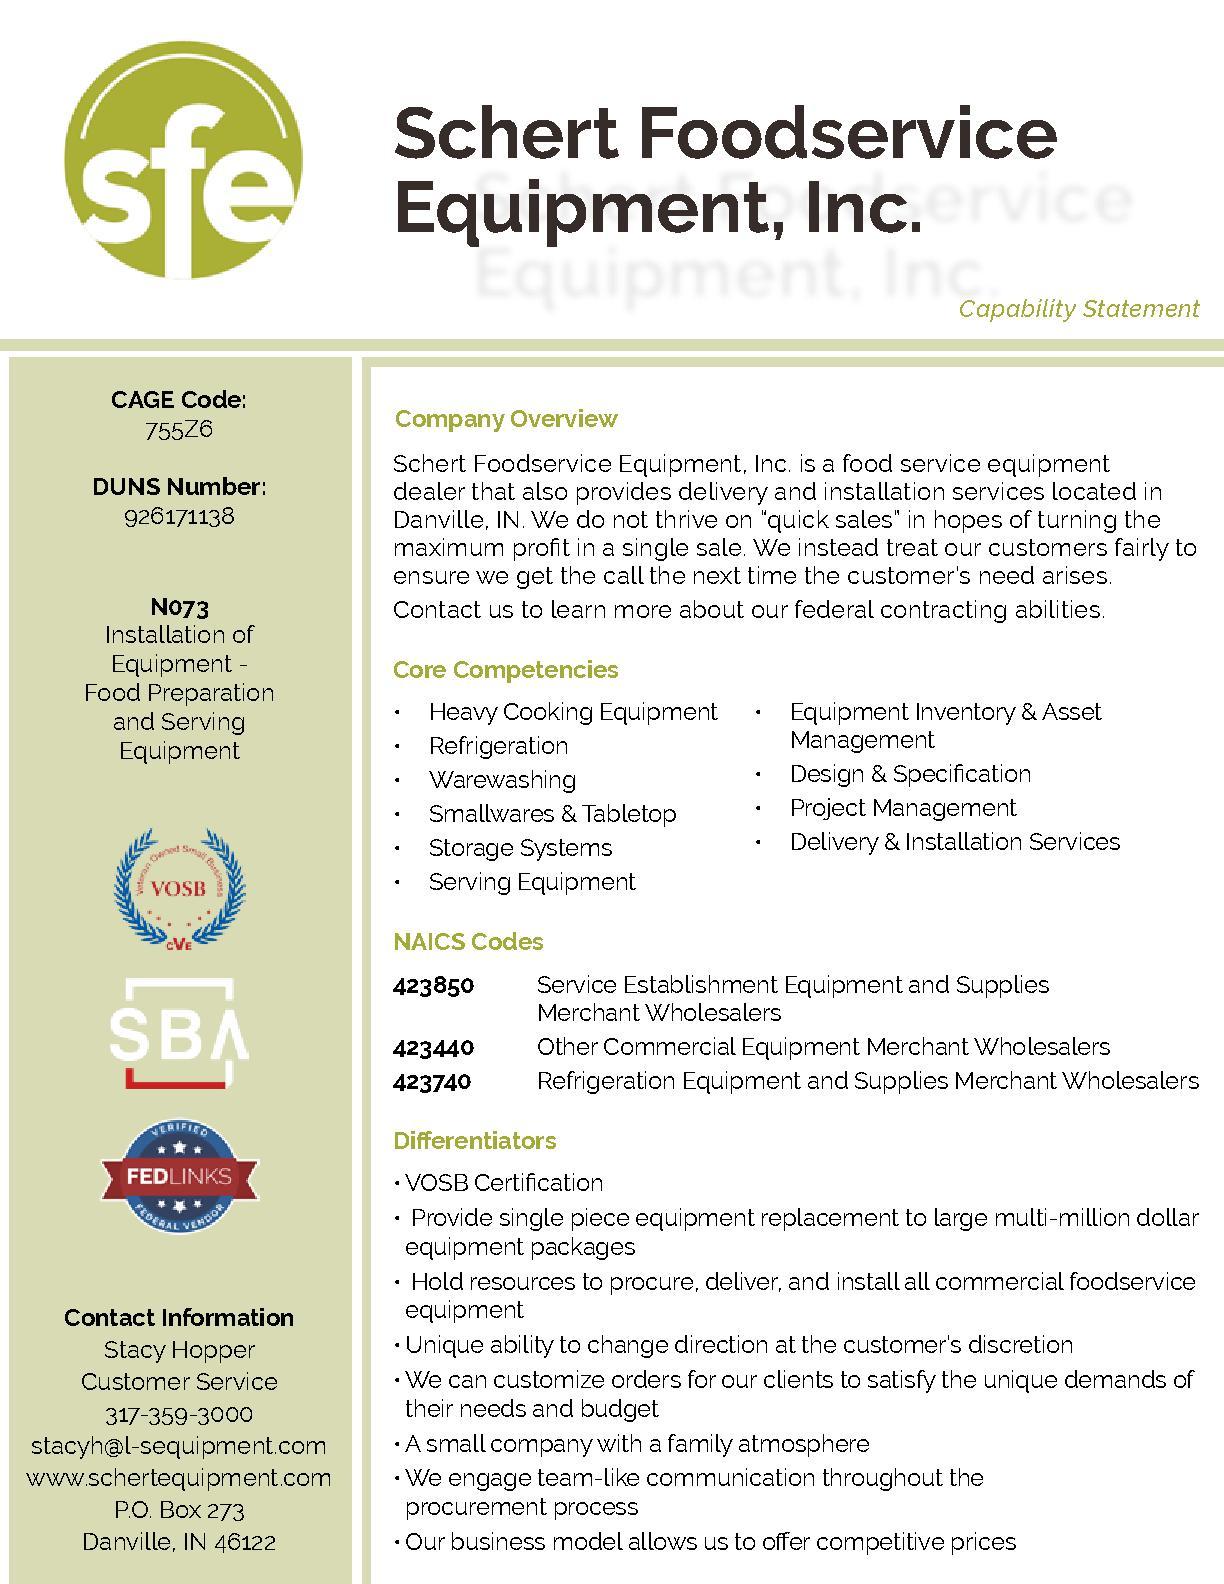 Schertfoodserviceequipment capabilitystatement